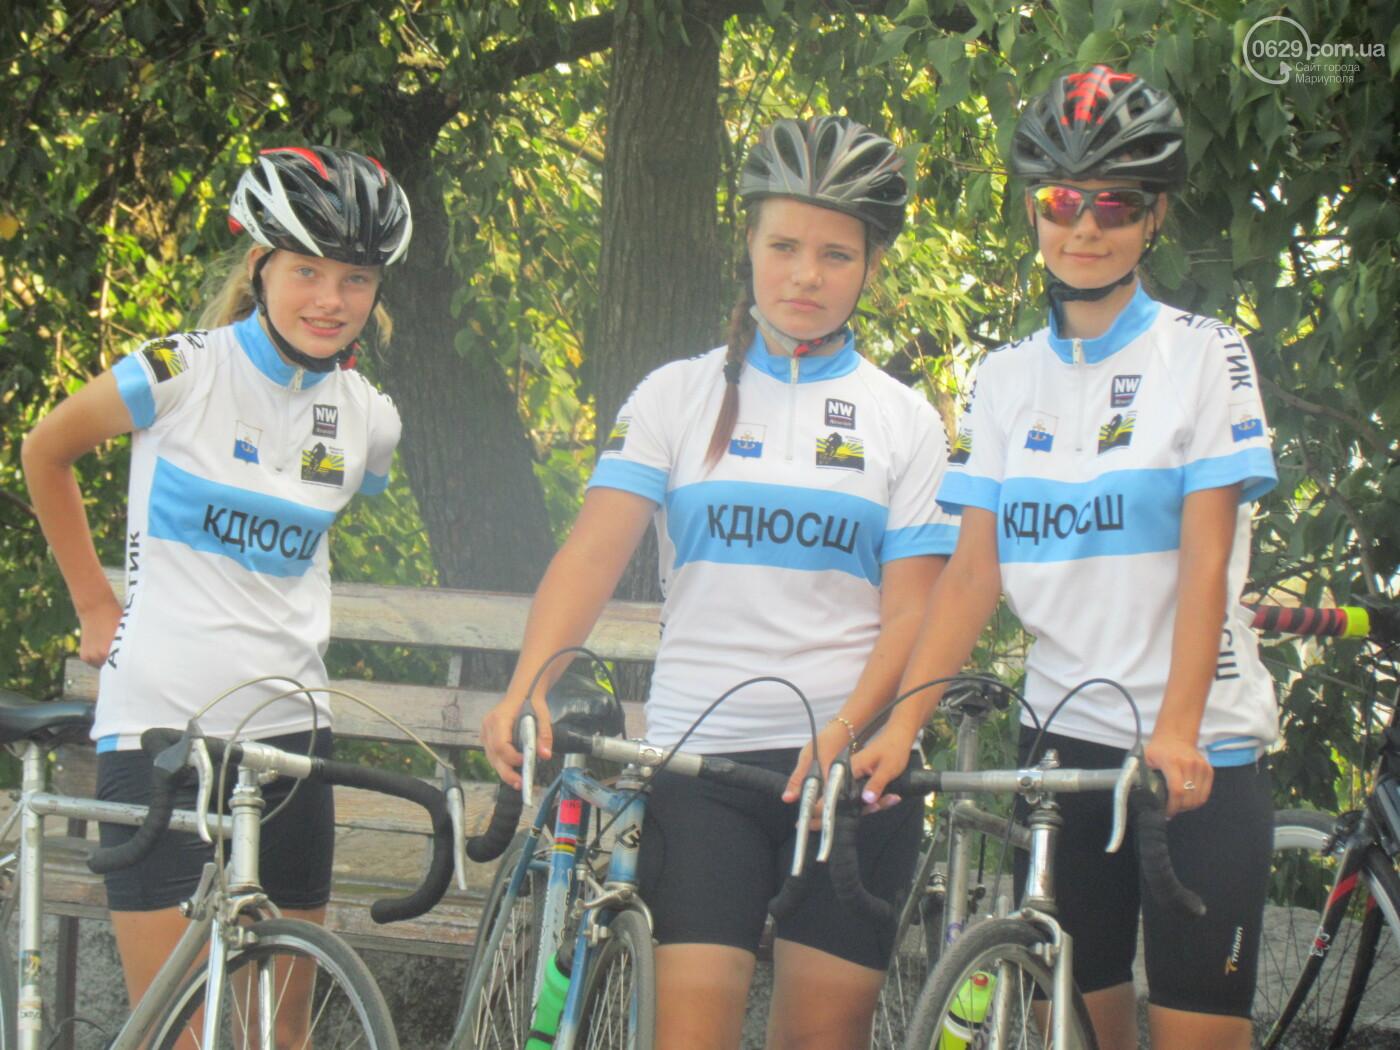 В Мариуполе завершился велопробег в честь бойцов АТО-ООС, - ФОТОРЕПОРТАЖ, фото-4